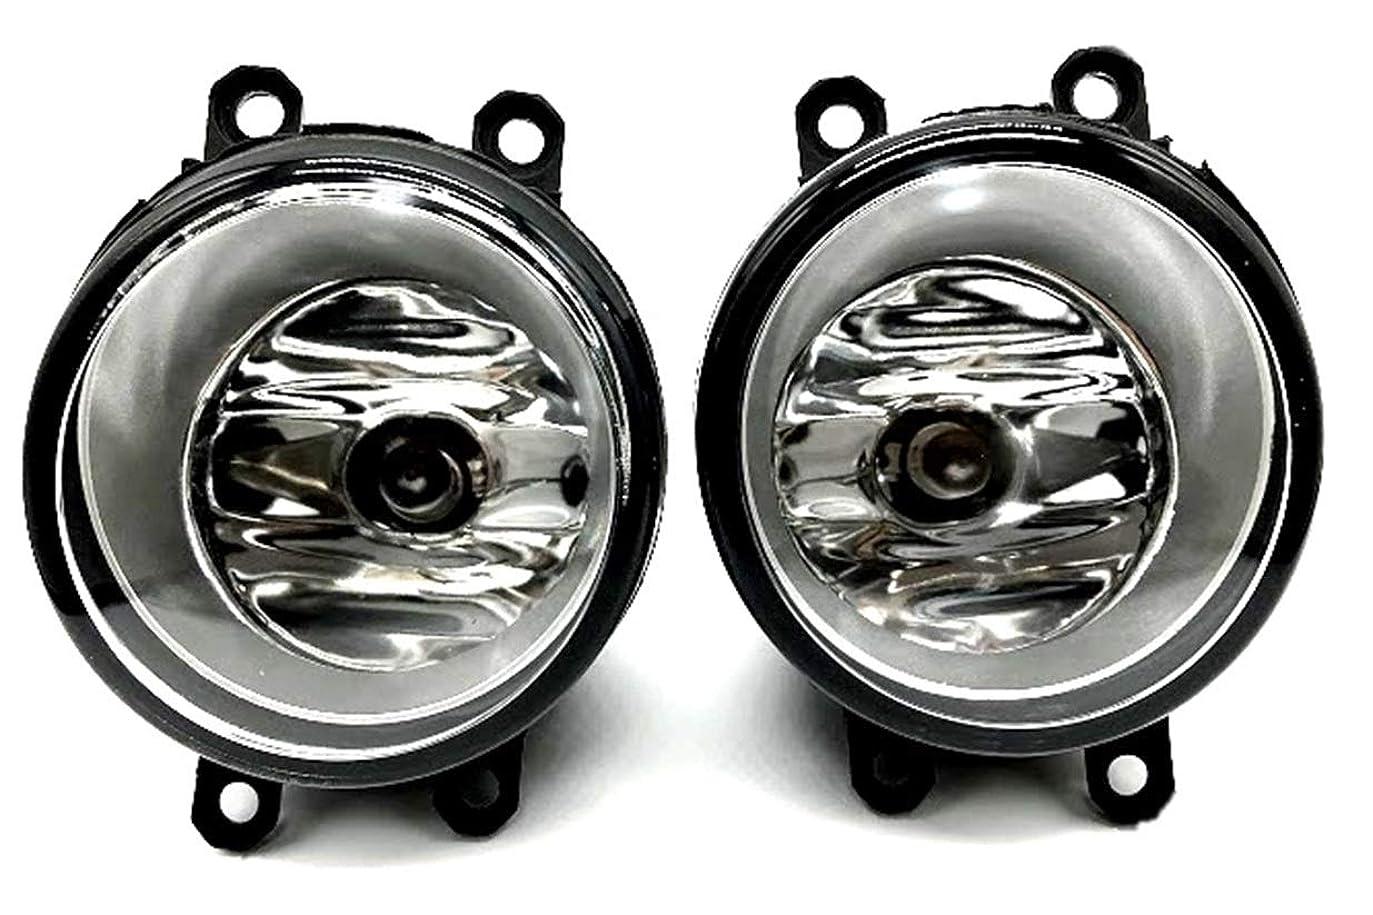 ペネロペコロニアル敵トヨタ ホンダ フォグランプ ユニット スイッチ付きリレーハーネスセット 選択可能 純正交換 LED化 HID対応 左右セット